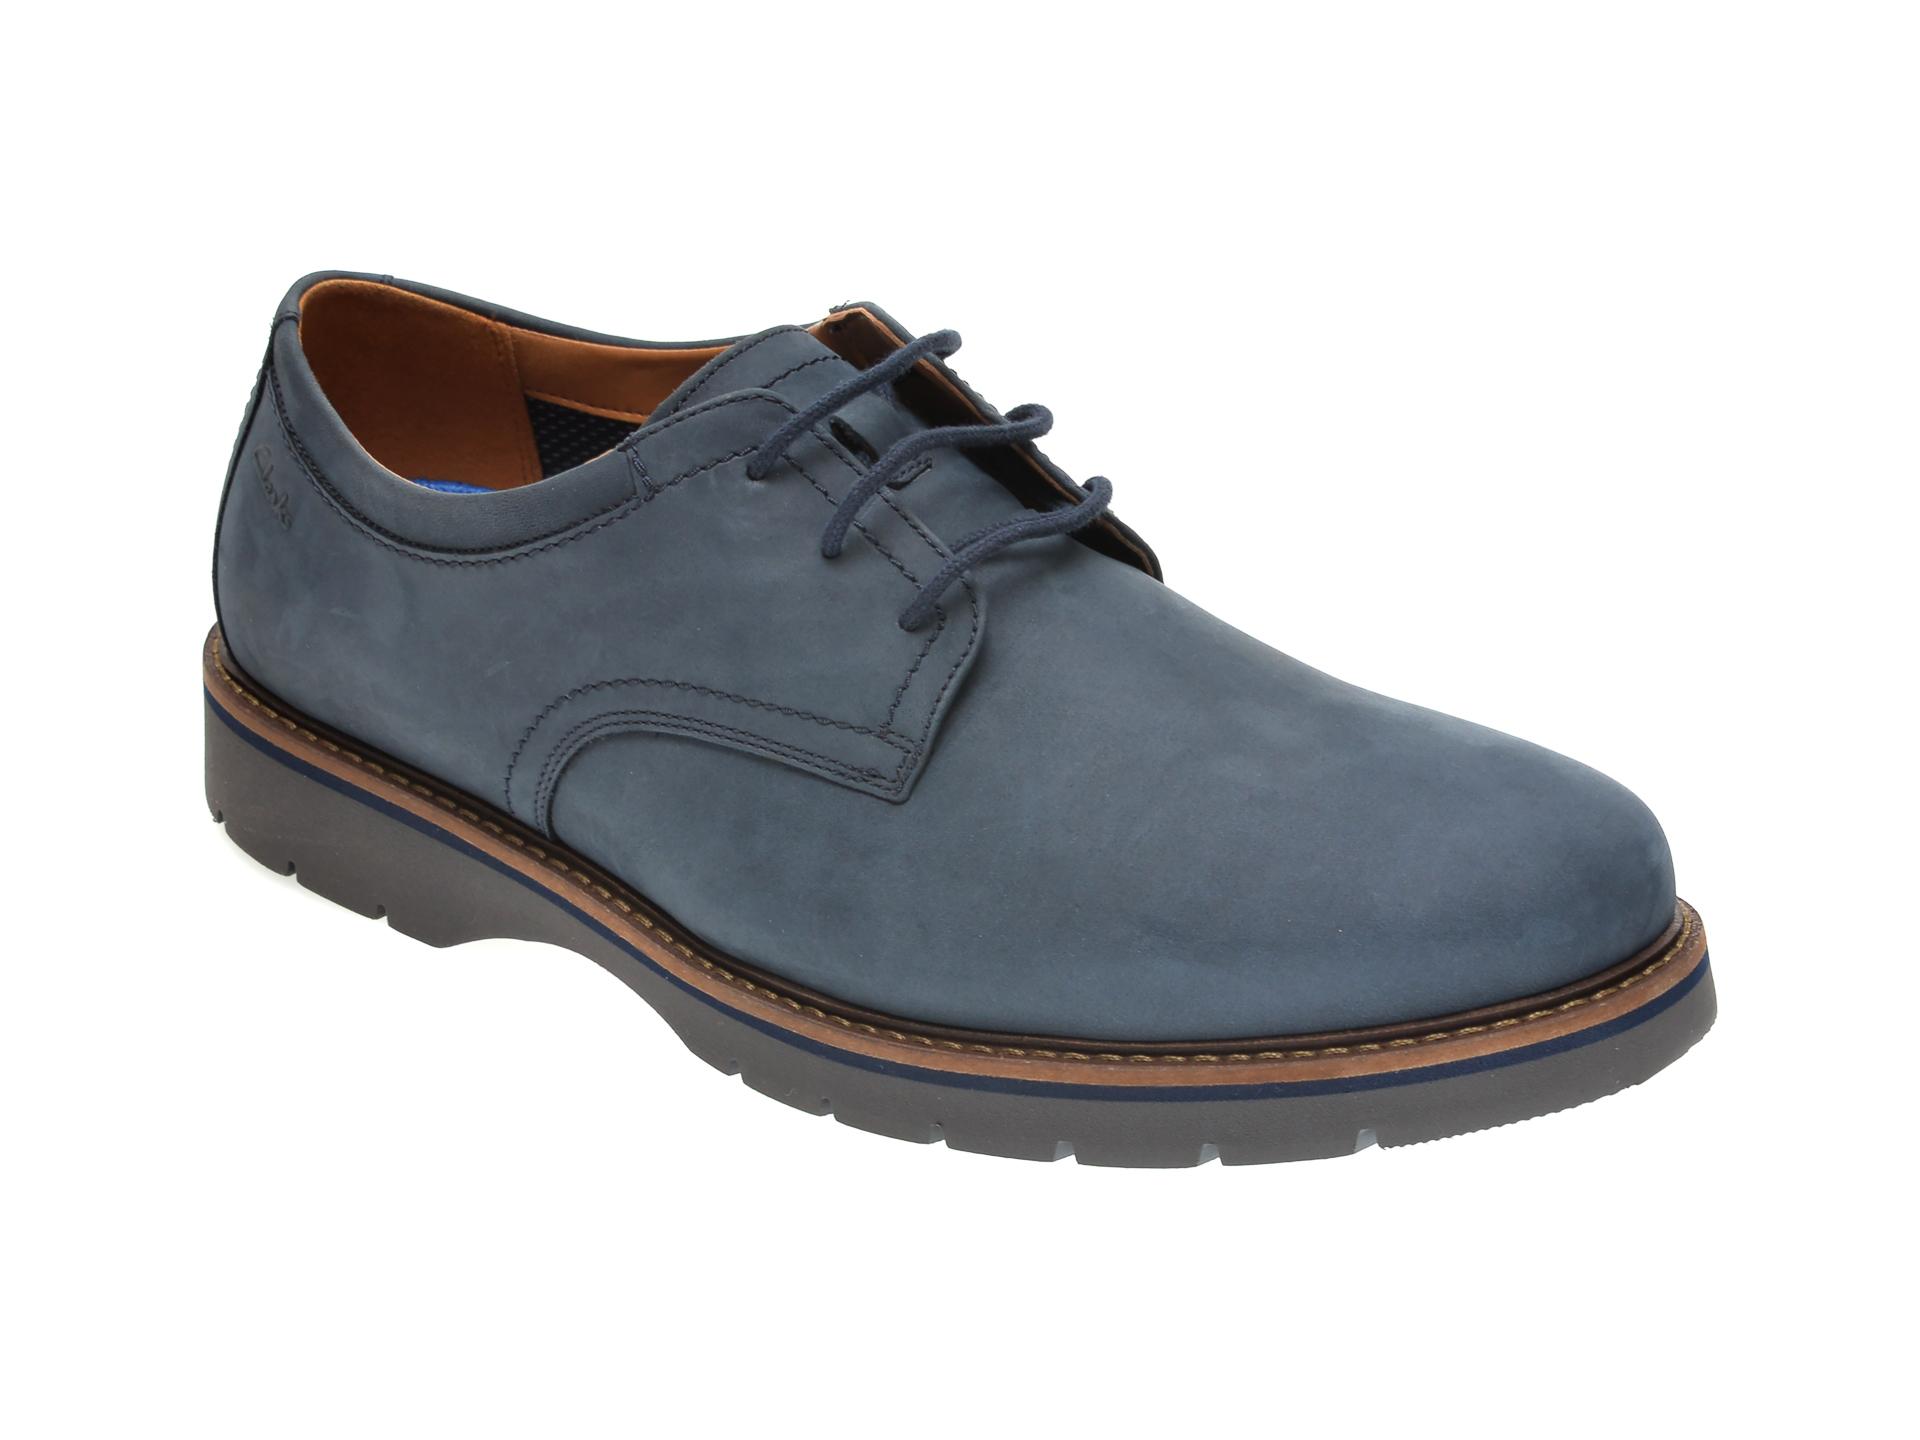 Pantofi CLARKS bleumarin, BAYHILL PLAIN, din nabuc imagine